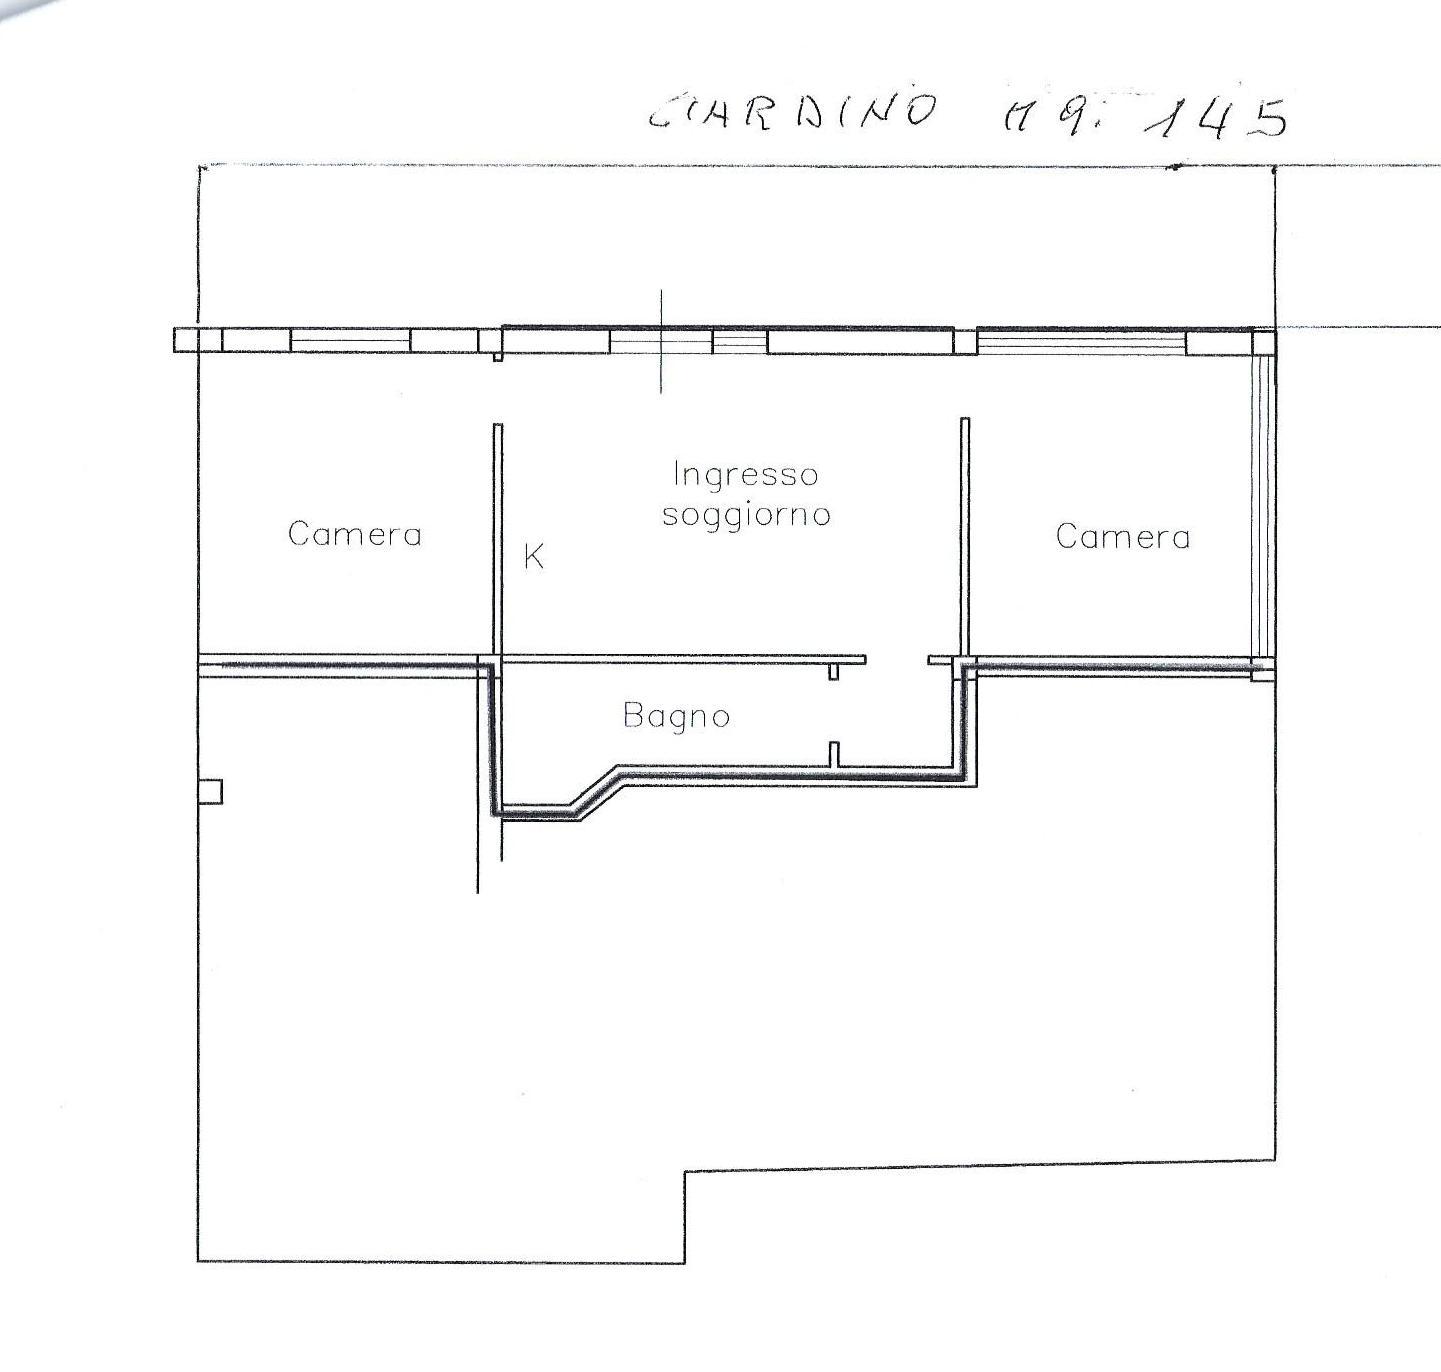 Appartamento in vendita, rif. 675five (Planimetria 1/1)